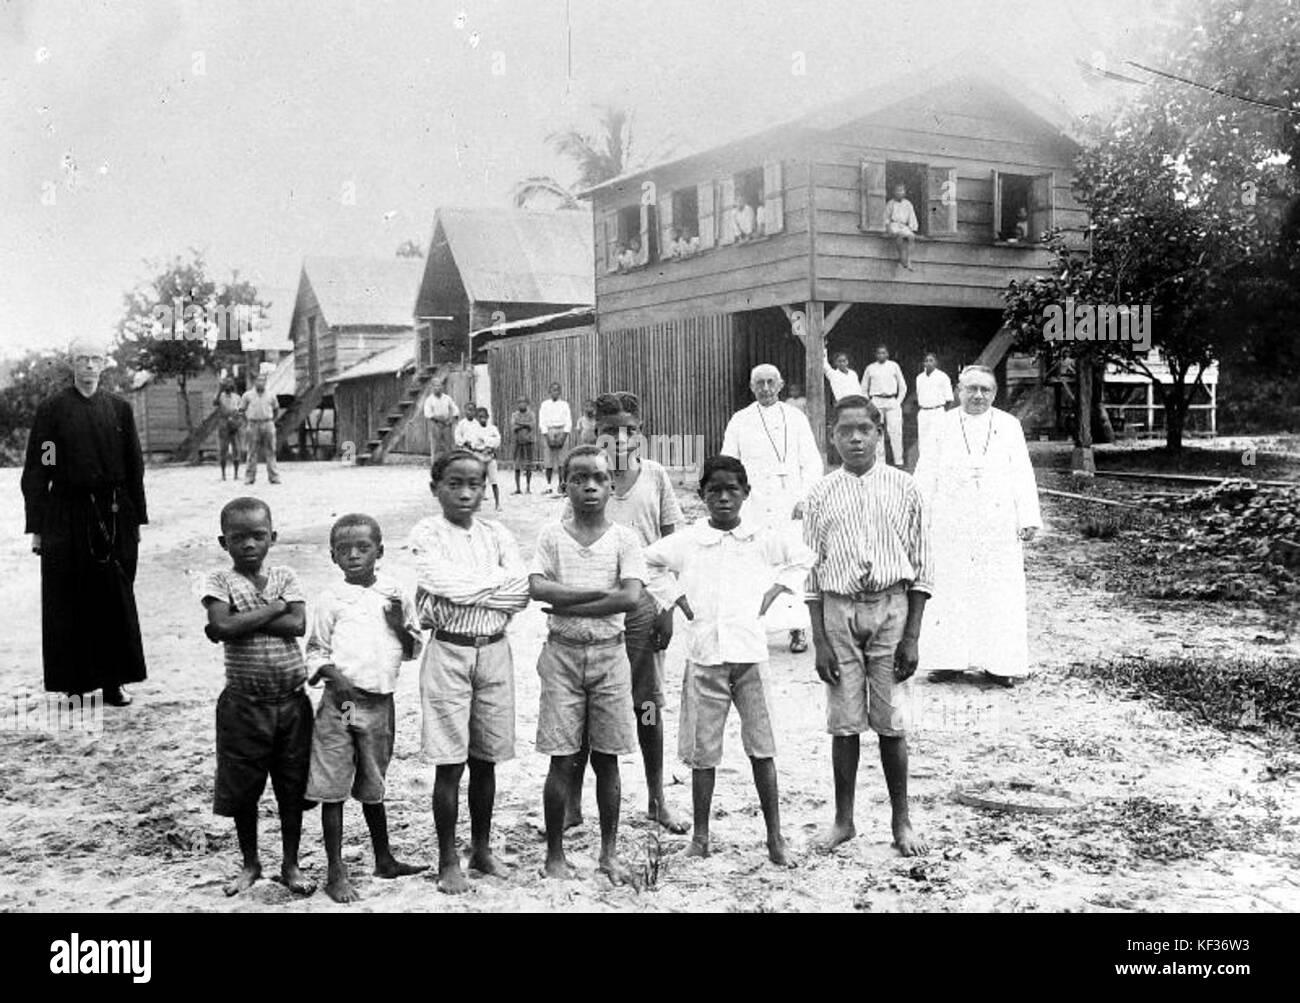 Rooms katholiek jongens internaat in Suriname   Collectie stichting Nationaal Museum van Wereldculturen   TM 10018888 - Stock Image